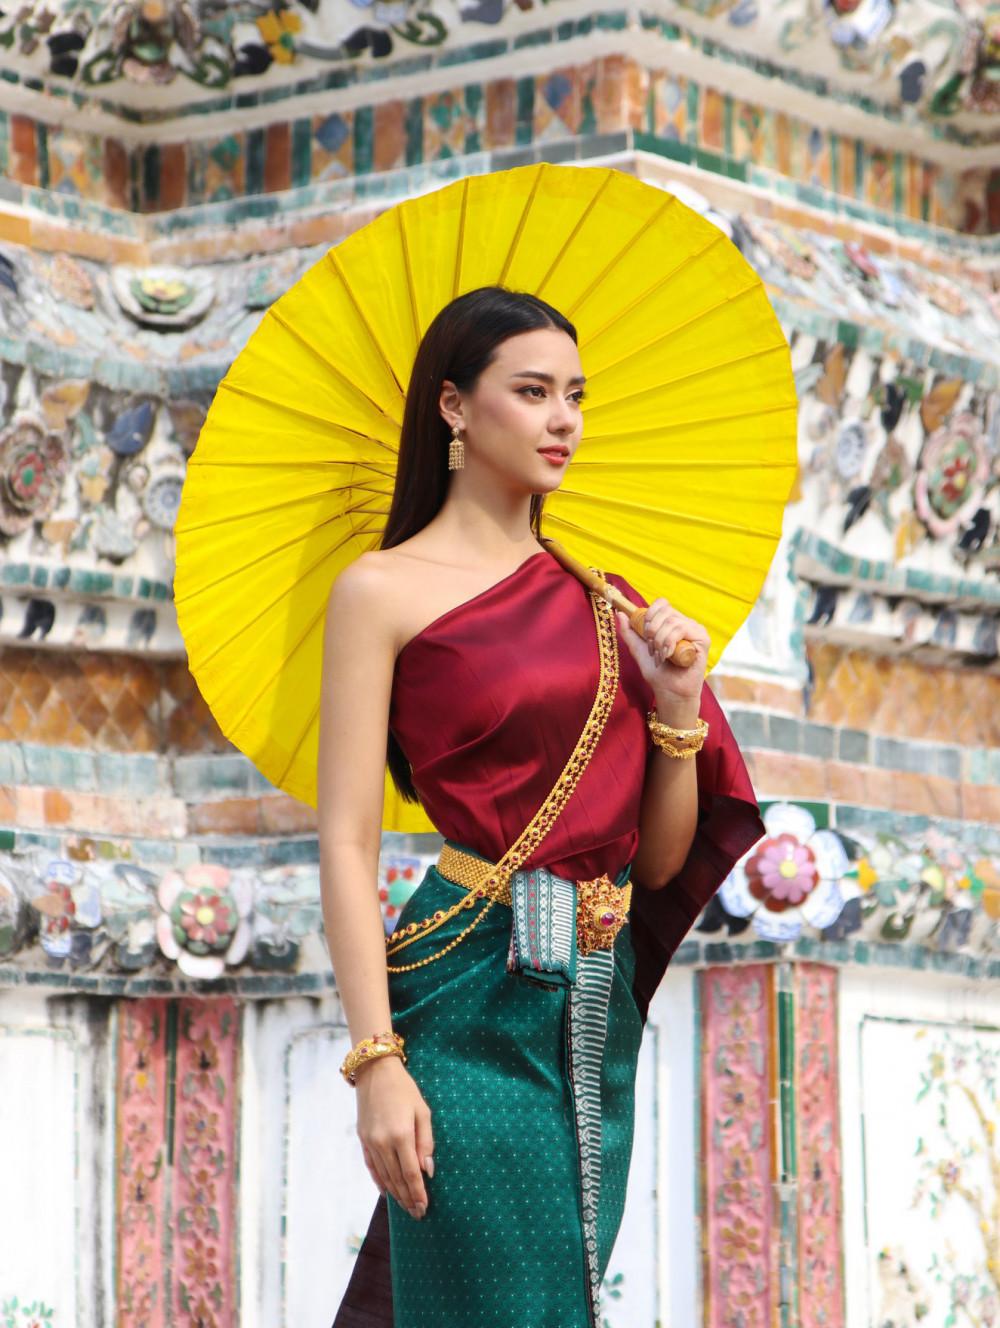 Amanda Obdam là đại diện của Thái Lan tại Hoa hậu Hoàn vũ lần thứ 69, tổ chức tại Florida, Mỹ vào trung tuần tháng 5 tới. Người đẹp đã lên đường sang Mỹ từ 27/4.